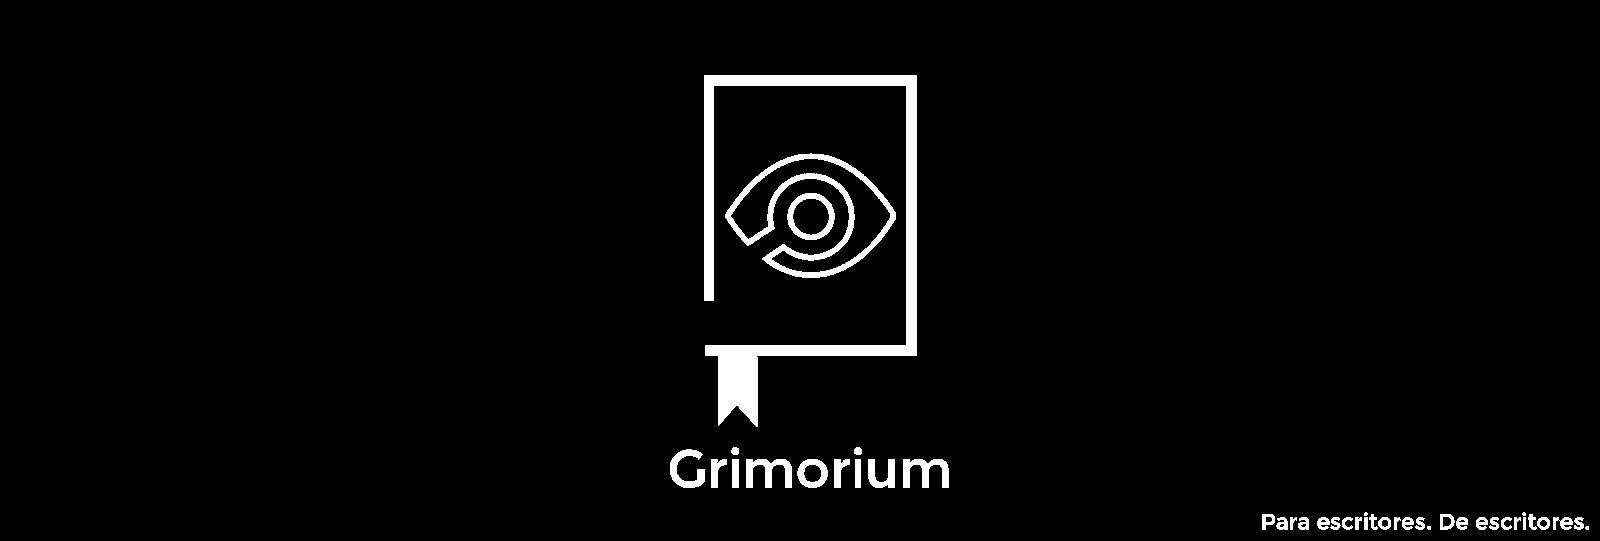 GRIMORIUM